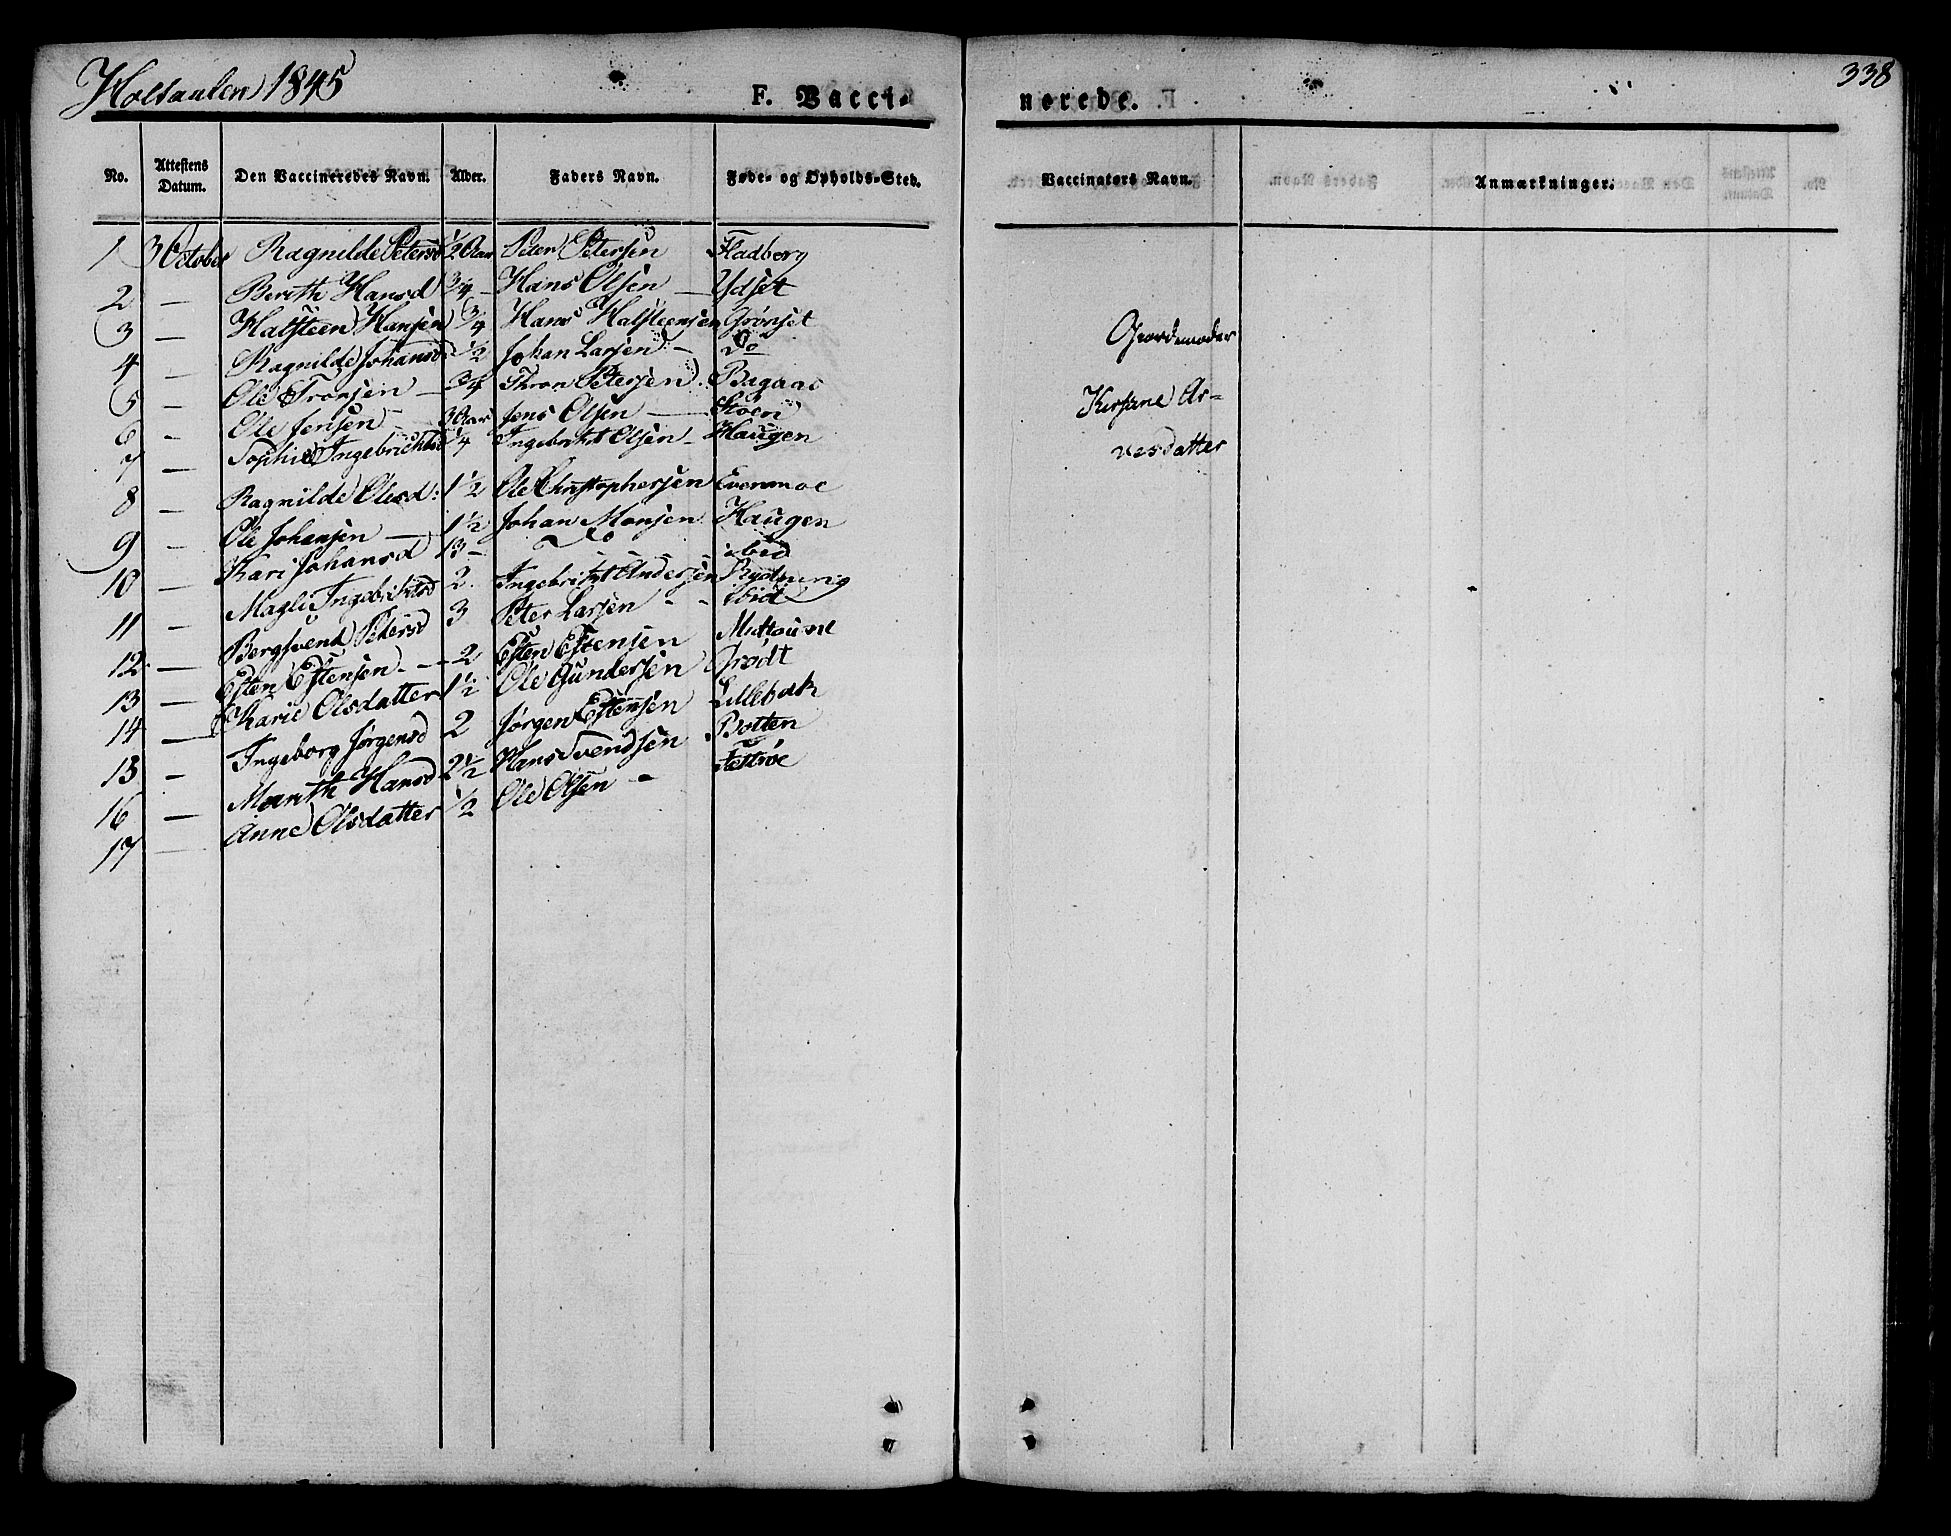 SAT, Ministerialprotokoller, klokkerbøker og fødselsregistre - Sør-Trøndelag, 685/L0960: Ministerialbok nr. 685A05 /1, 1829-1845, s. 338